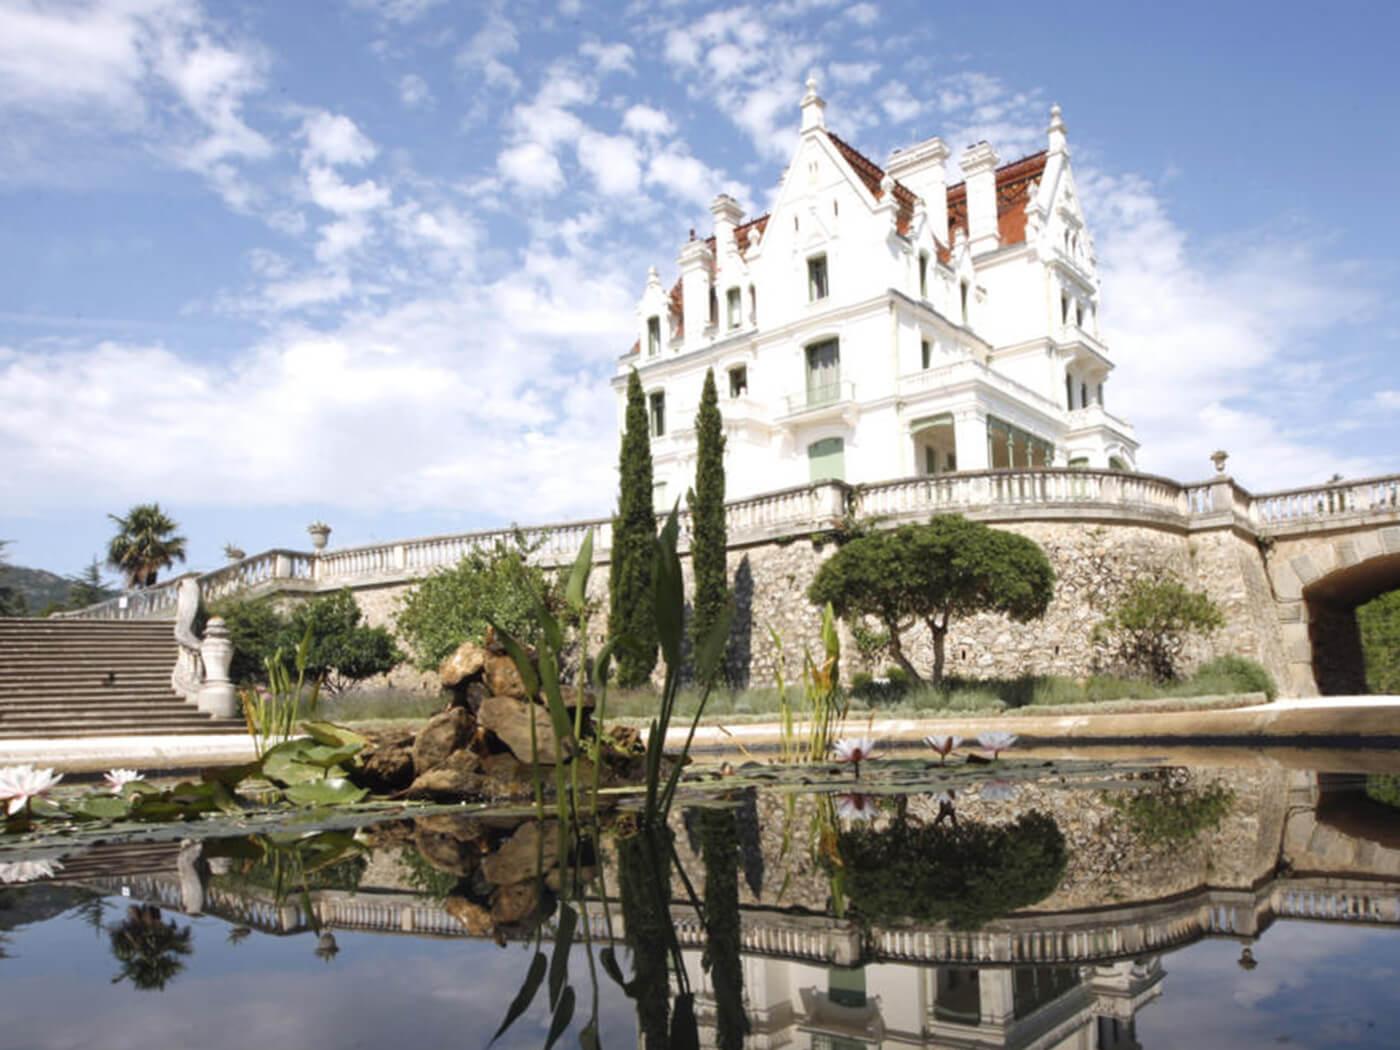 Chateau de Valmy - Traiteur Rous à Elne 66